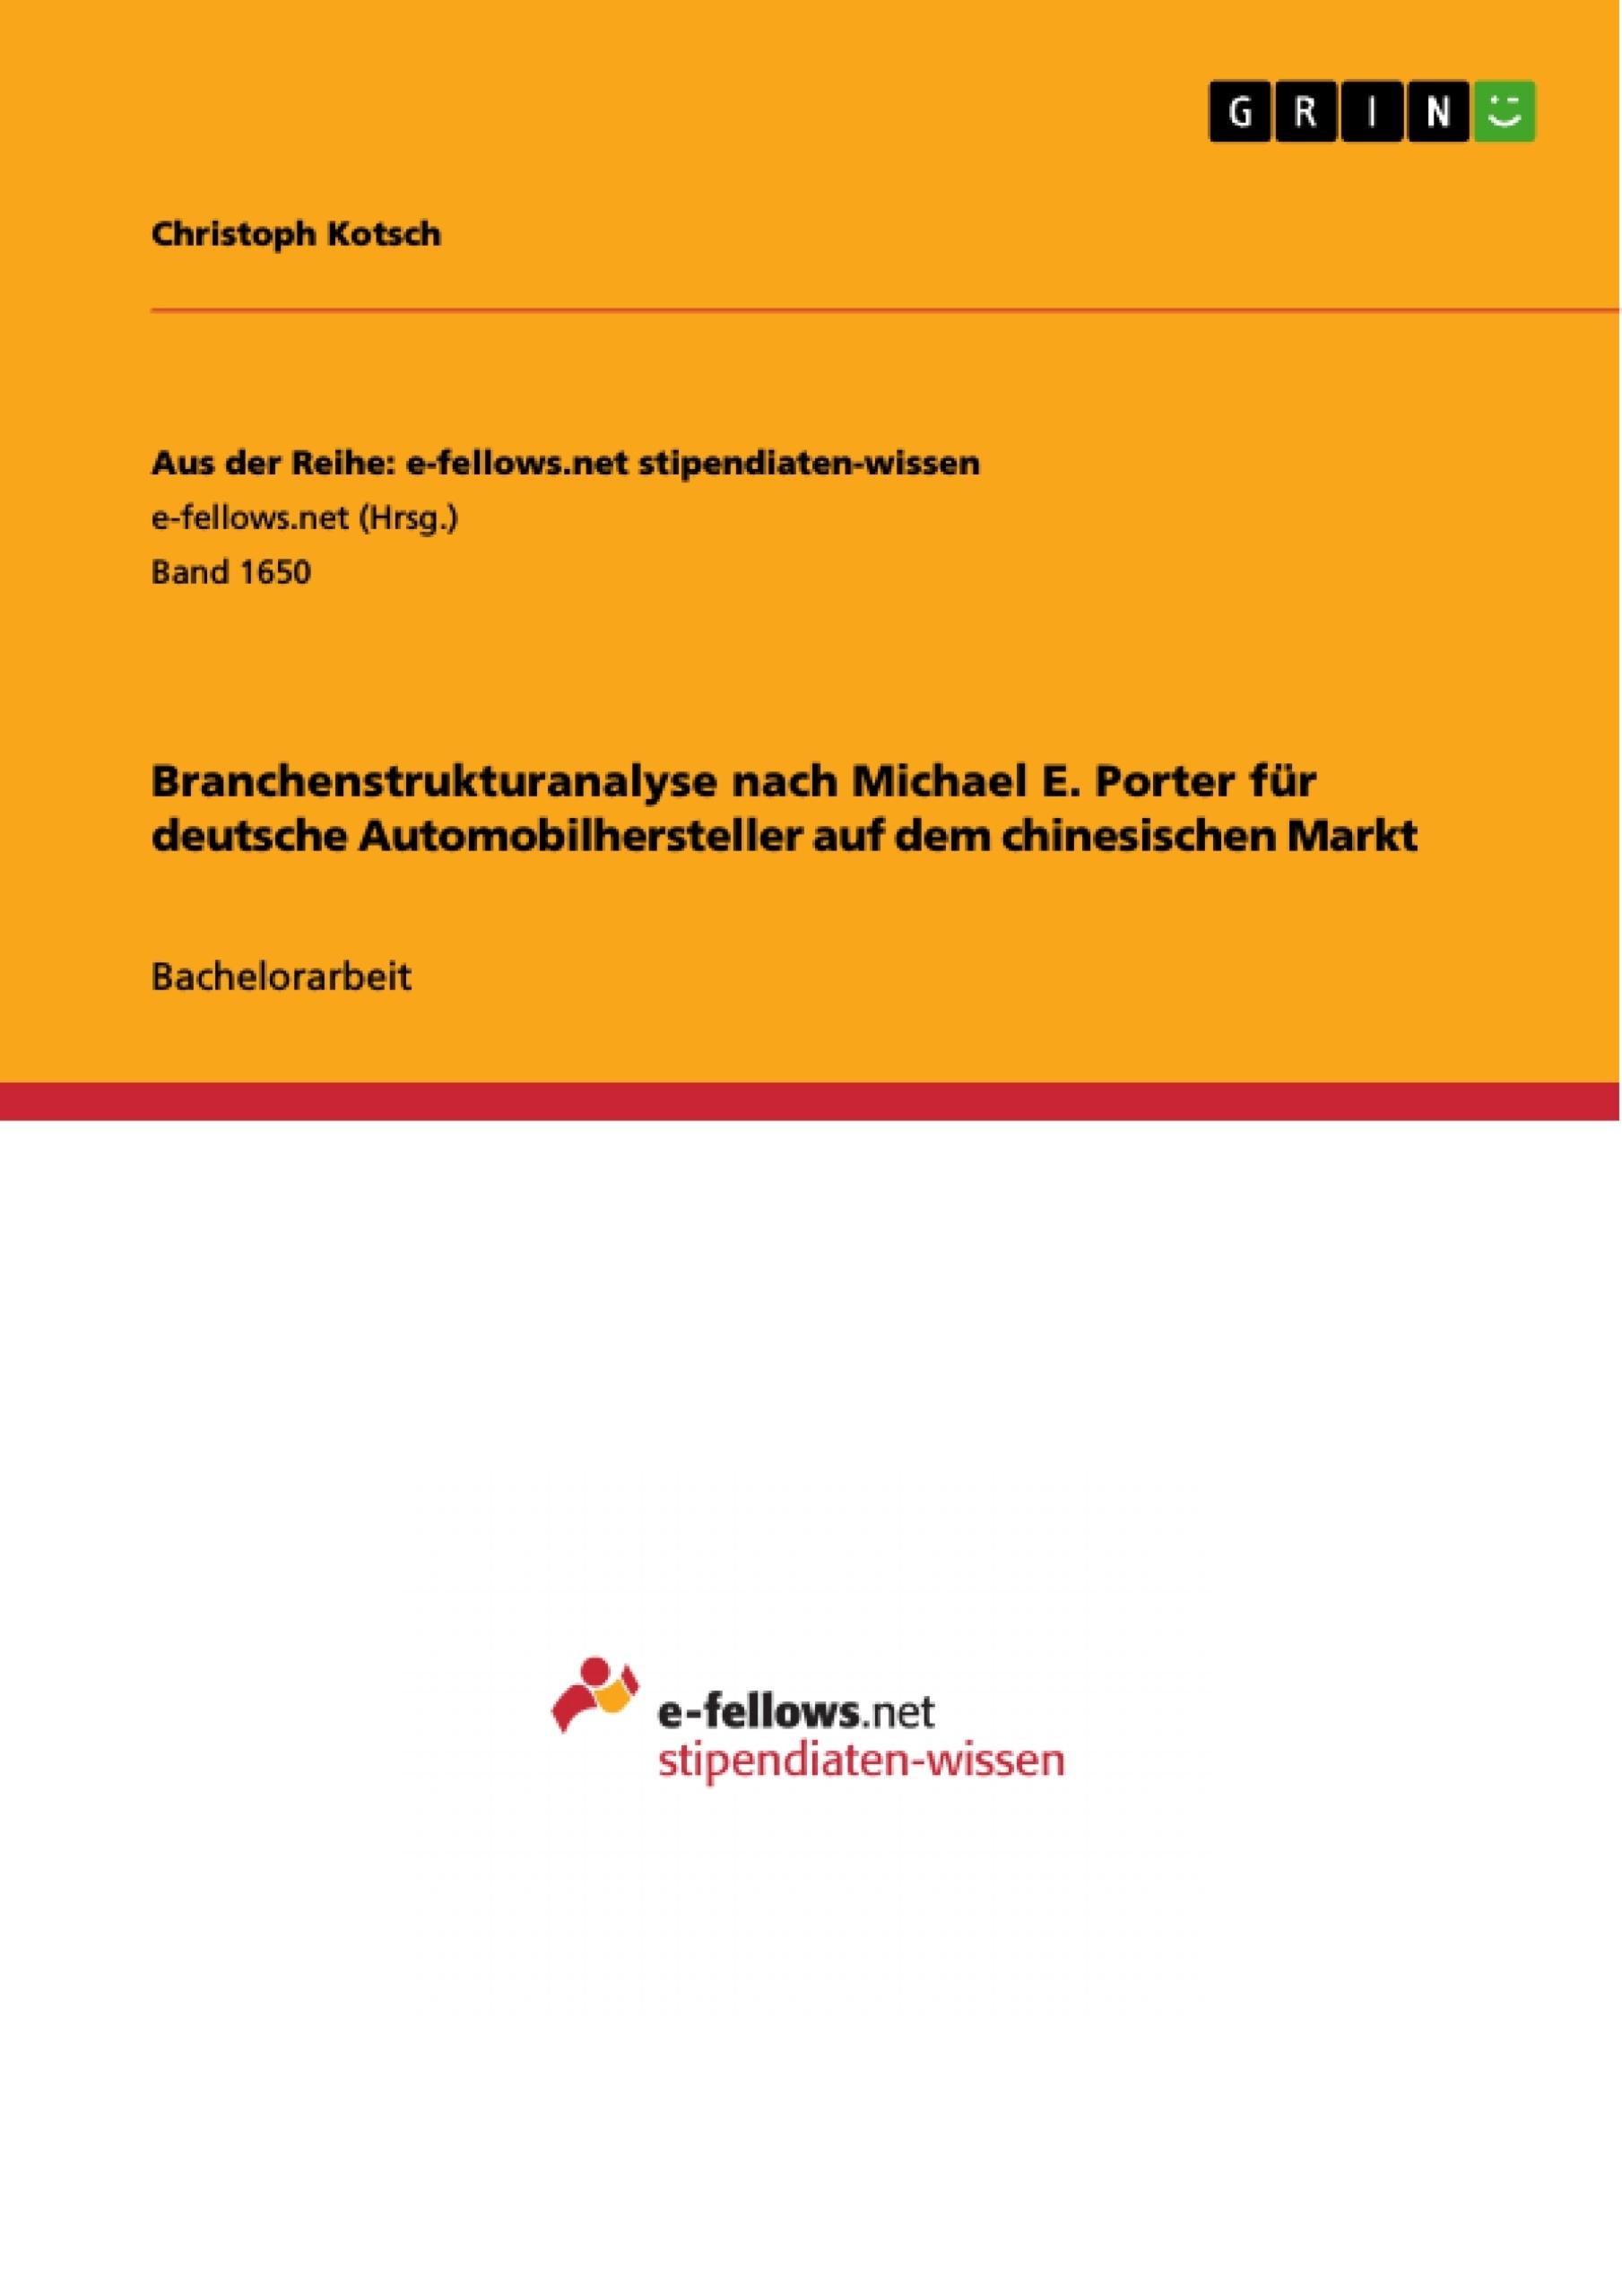 Titel: Branchenstrukturanalyse nach Michael E. Porter für deutsche Automobilhersteller auf dem chinesischen Markt